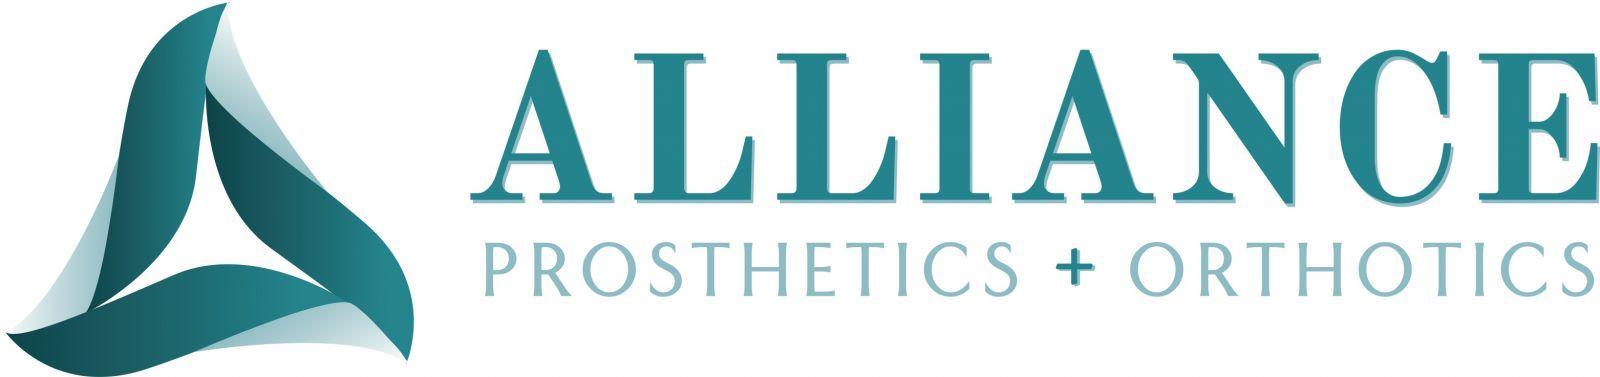 Alliance Prosthetics + Orthotics Logo